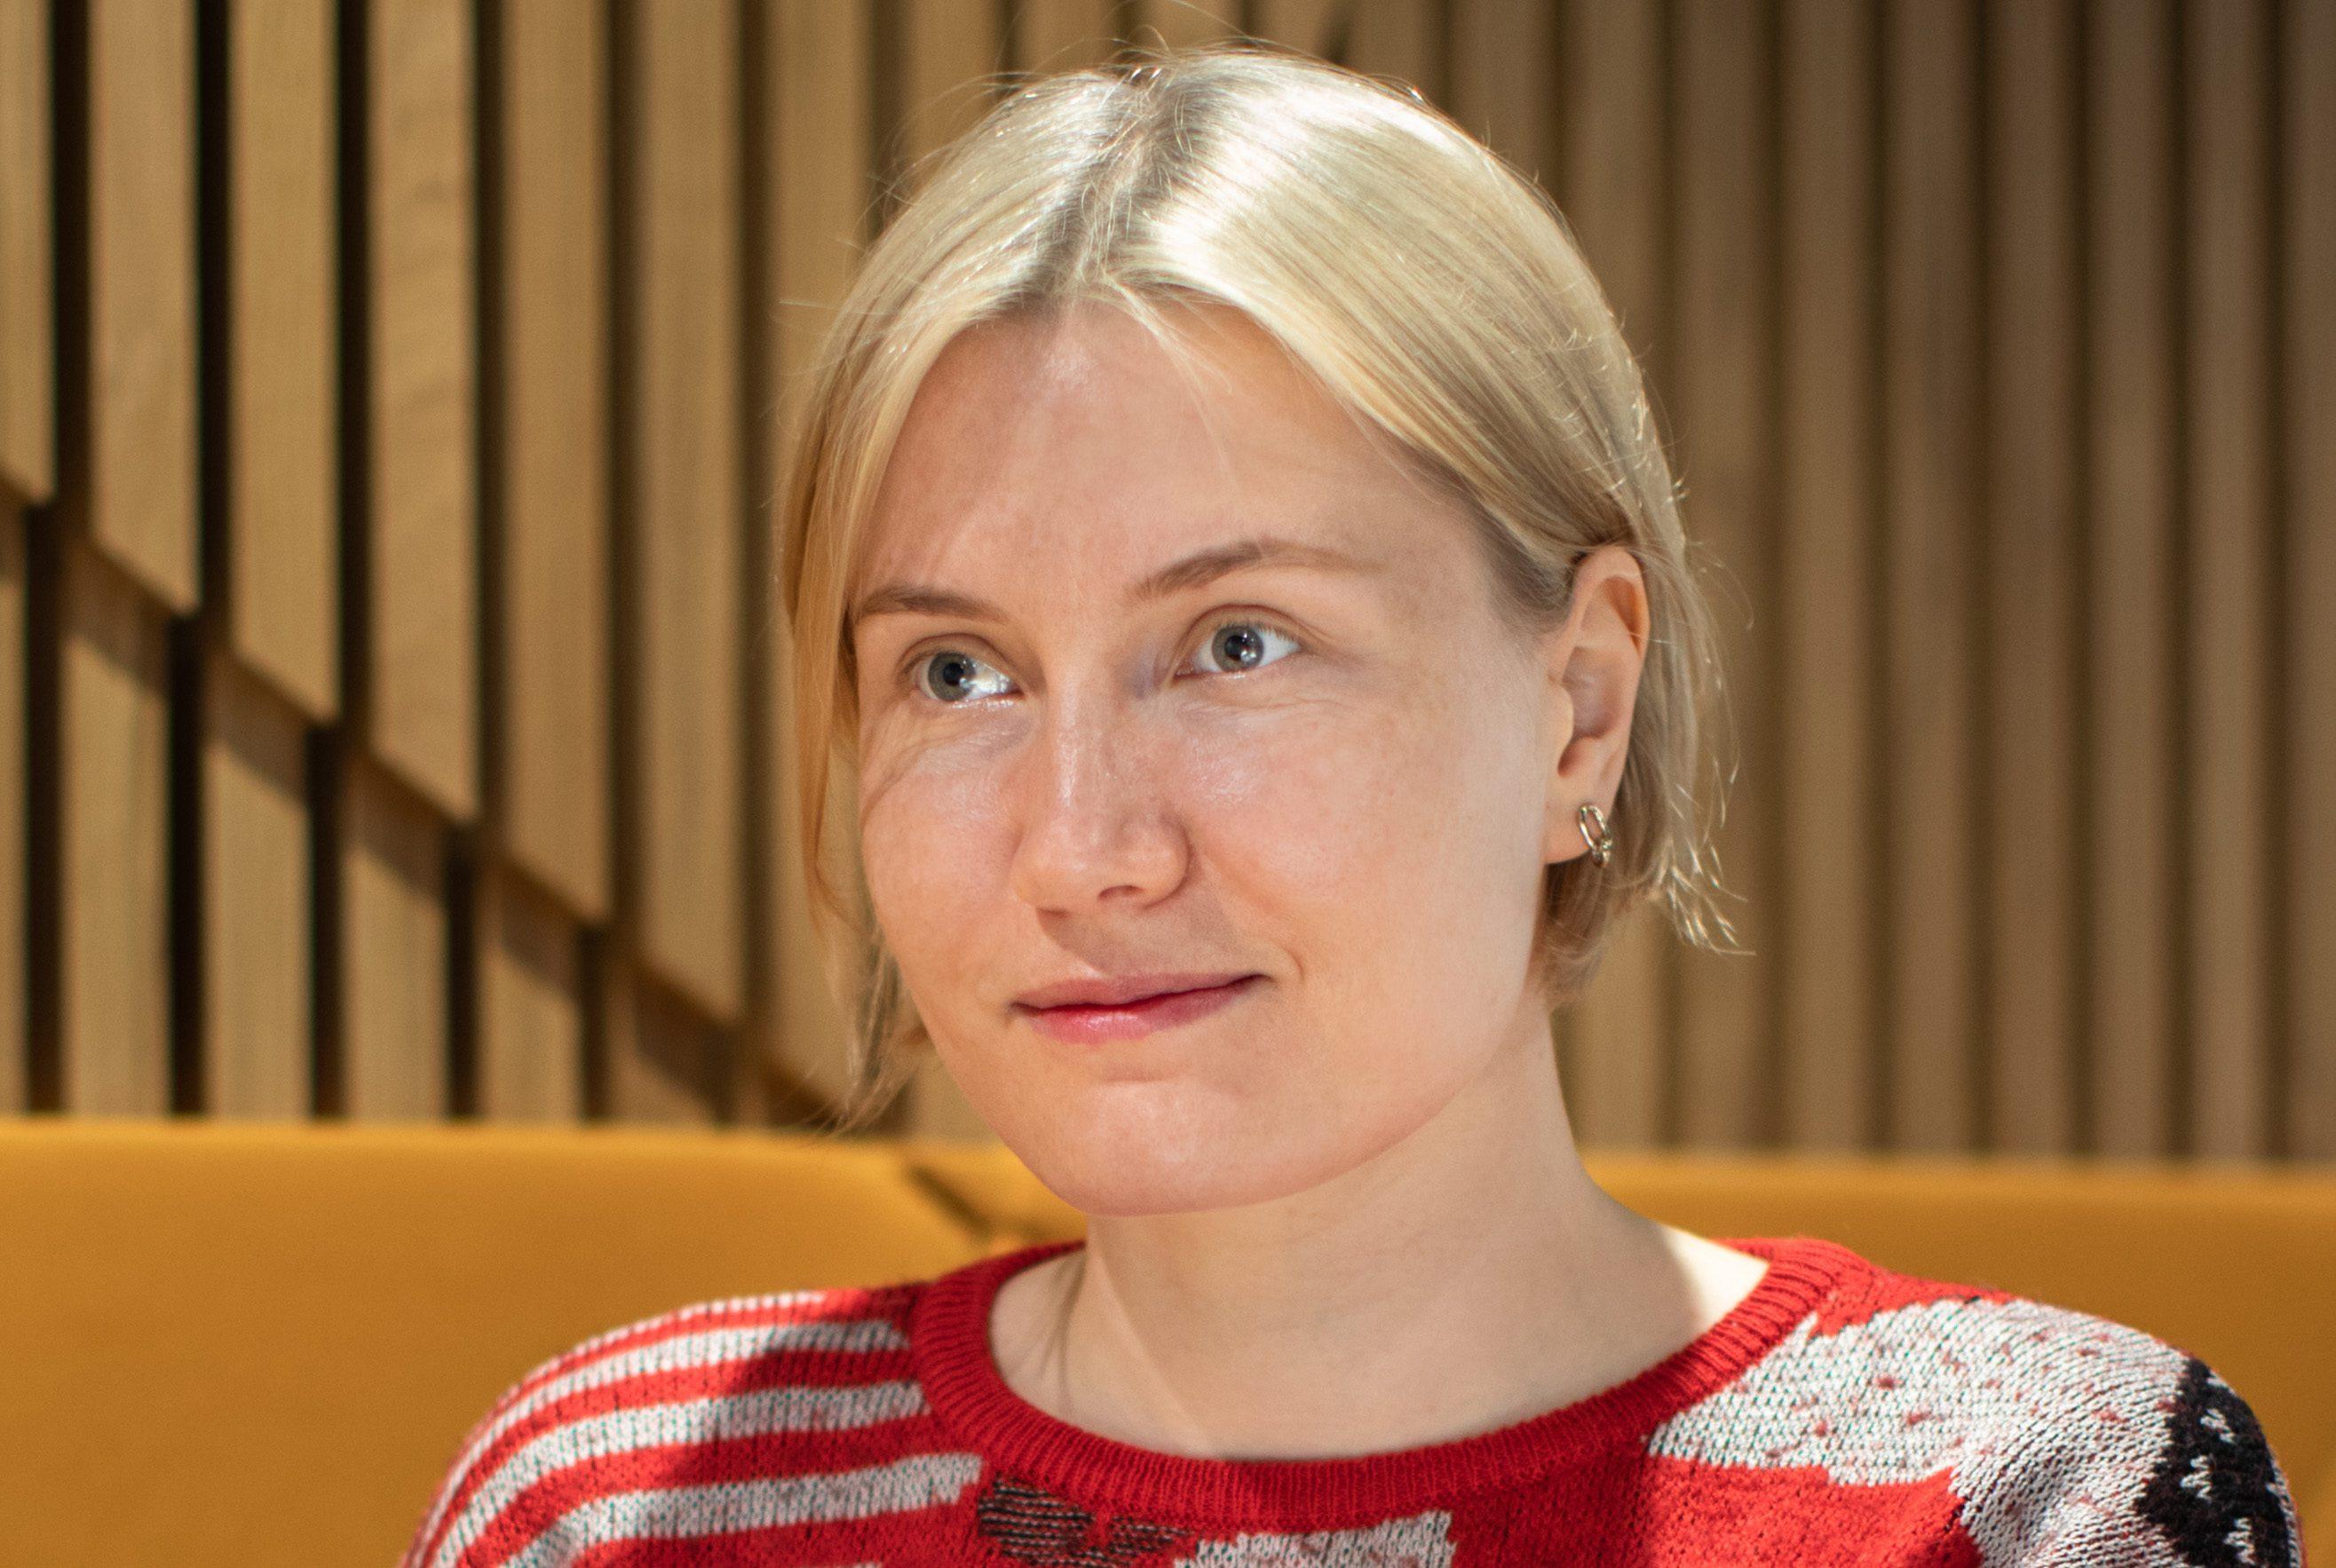 Olga Berdnikovaa